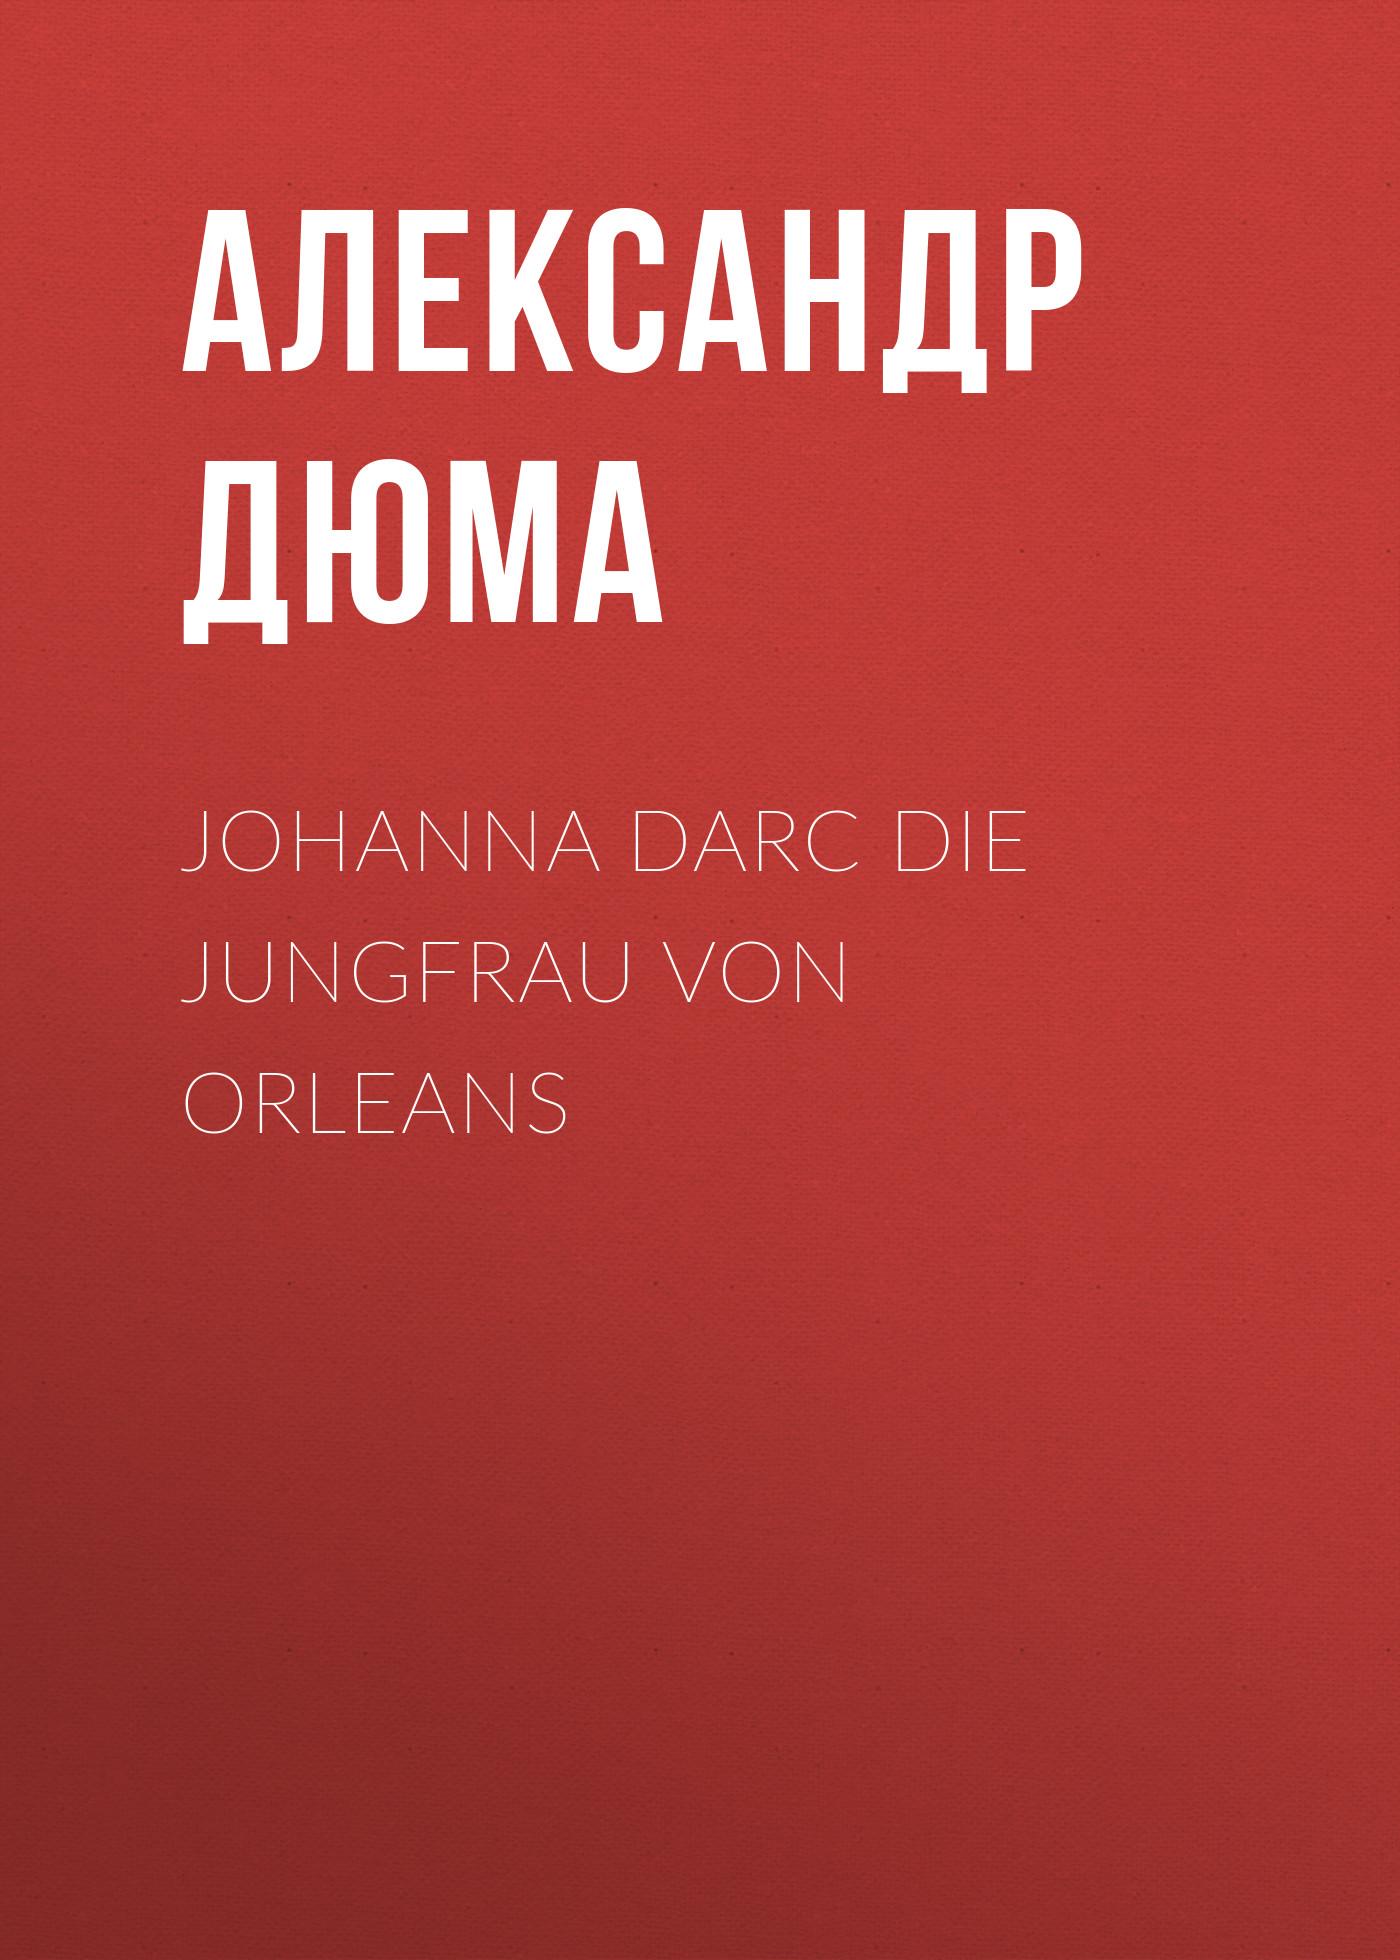 johanna darc die jungfrau von orleans